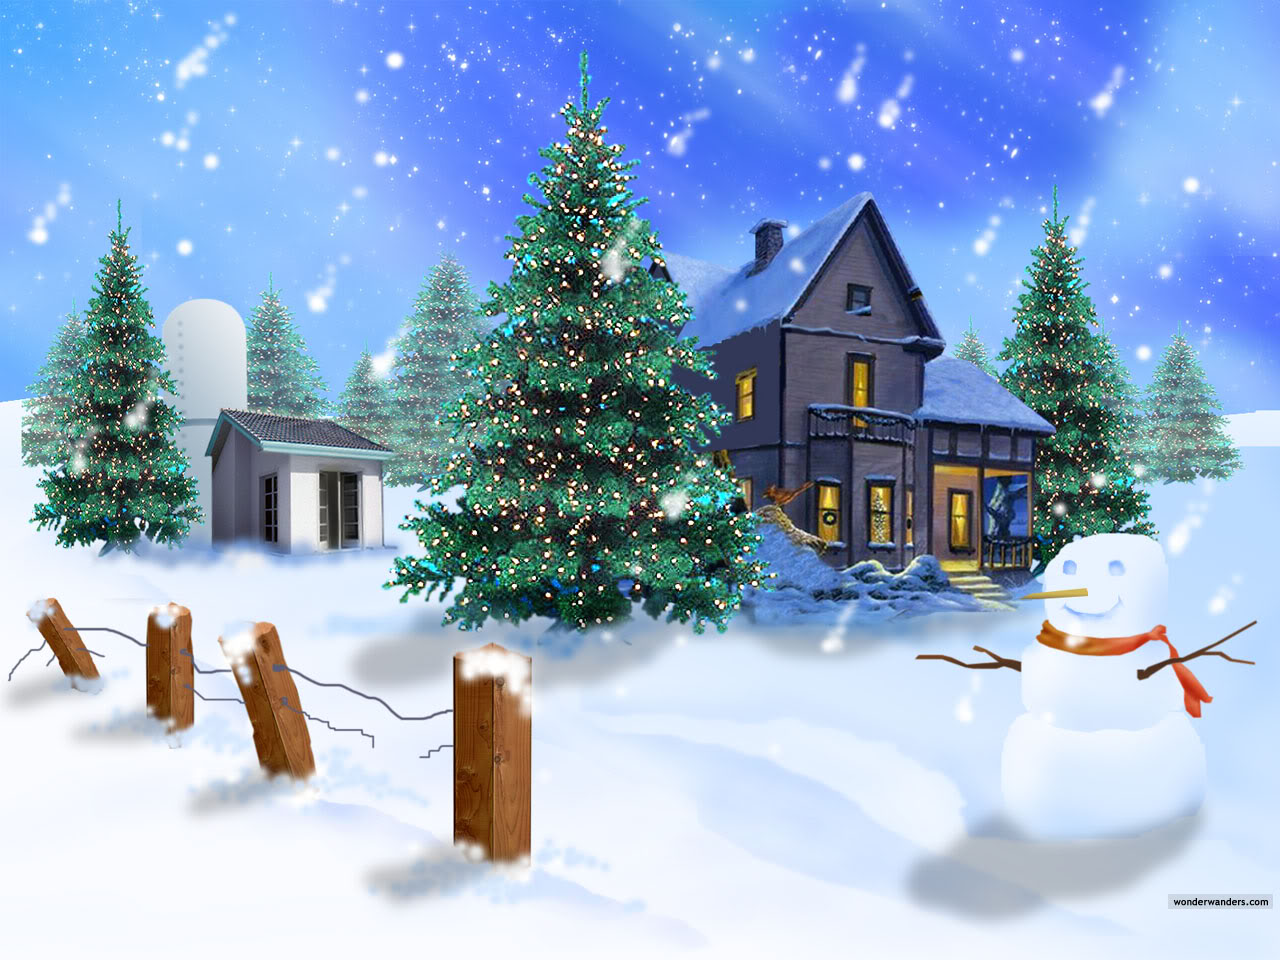 Fondos De Pantalla Navidenos: Celebrar La Navidad: Lindos Fondos De Pantalla De Navidad